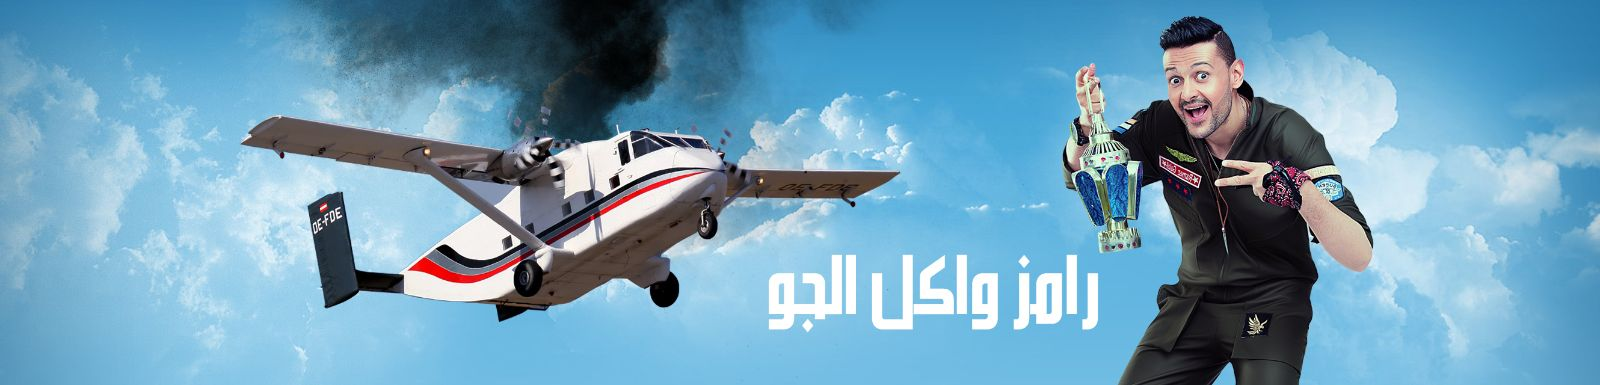 تحميل برنامج رامز واكل الجو الحلقة 19 حلقة عمرو سعد